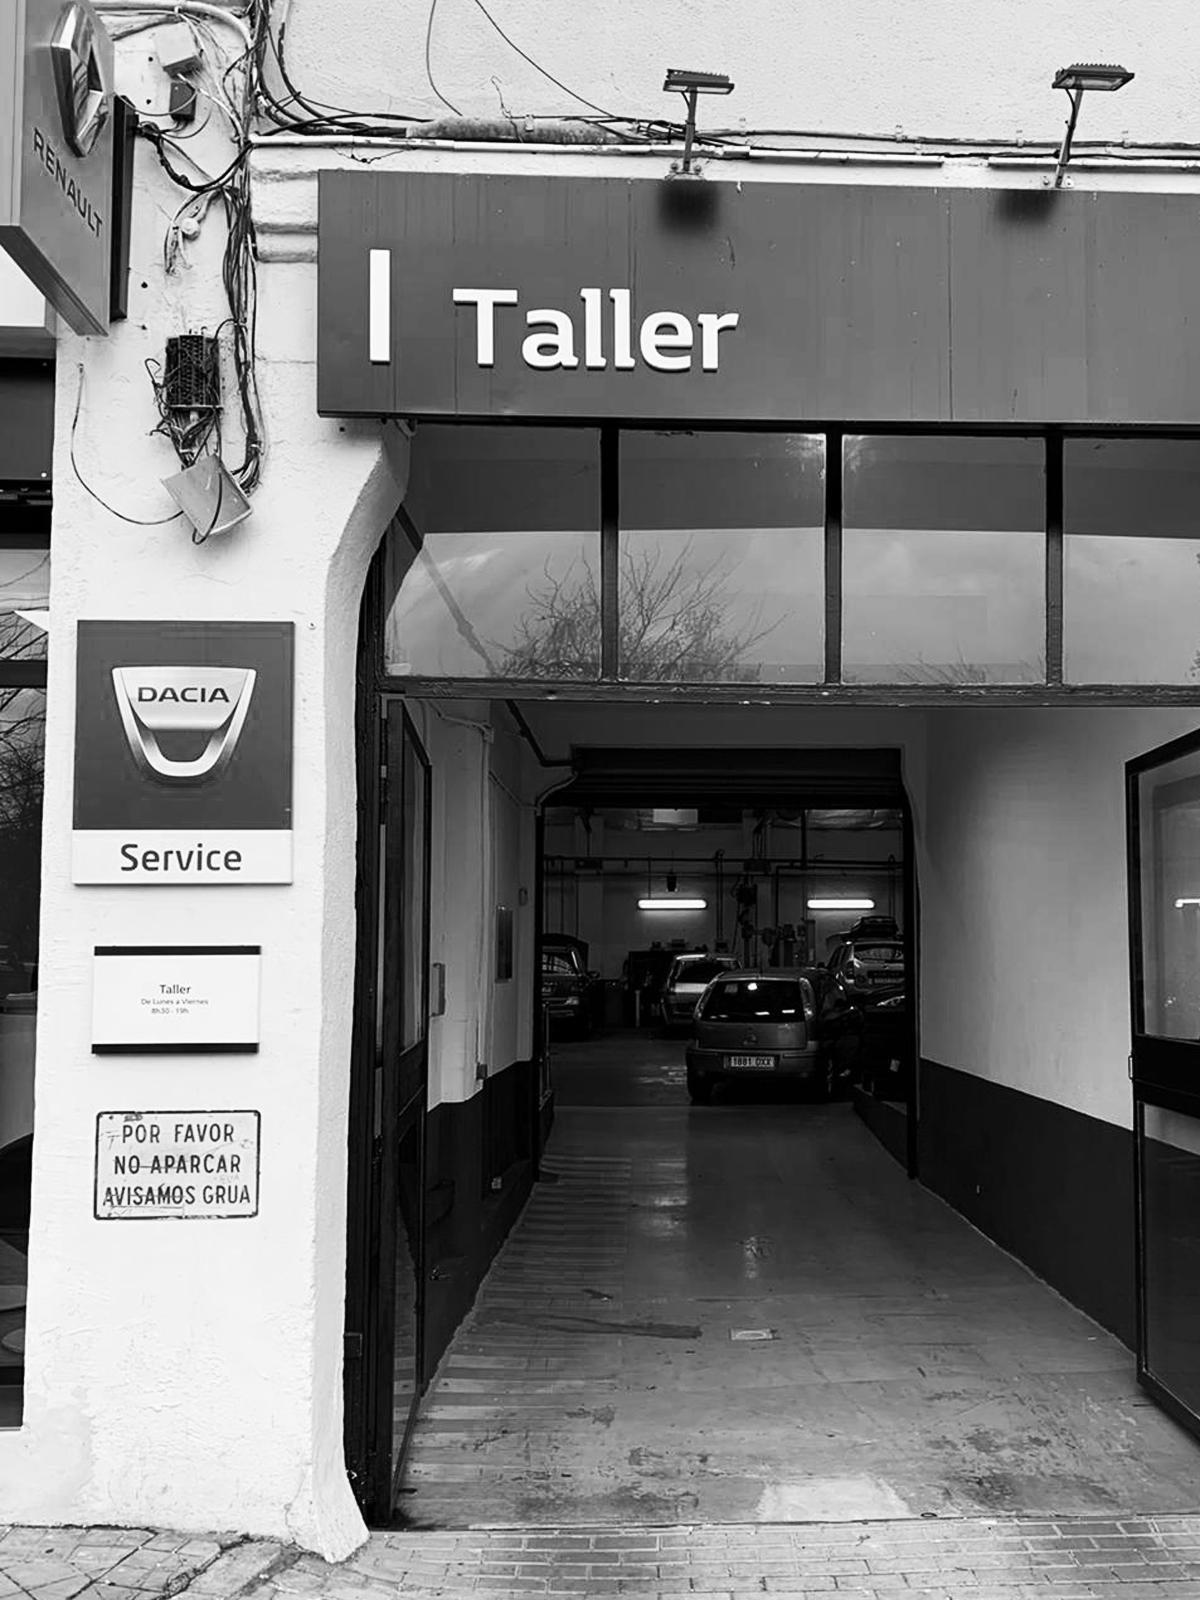 Taller de mecánica abierto en Madrid - Servicio Oficial Renault y Dacia.